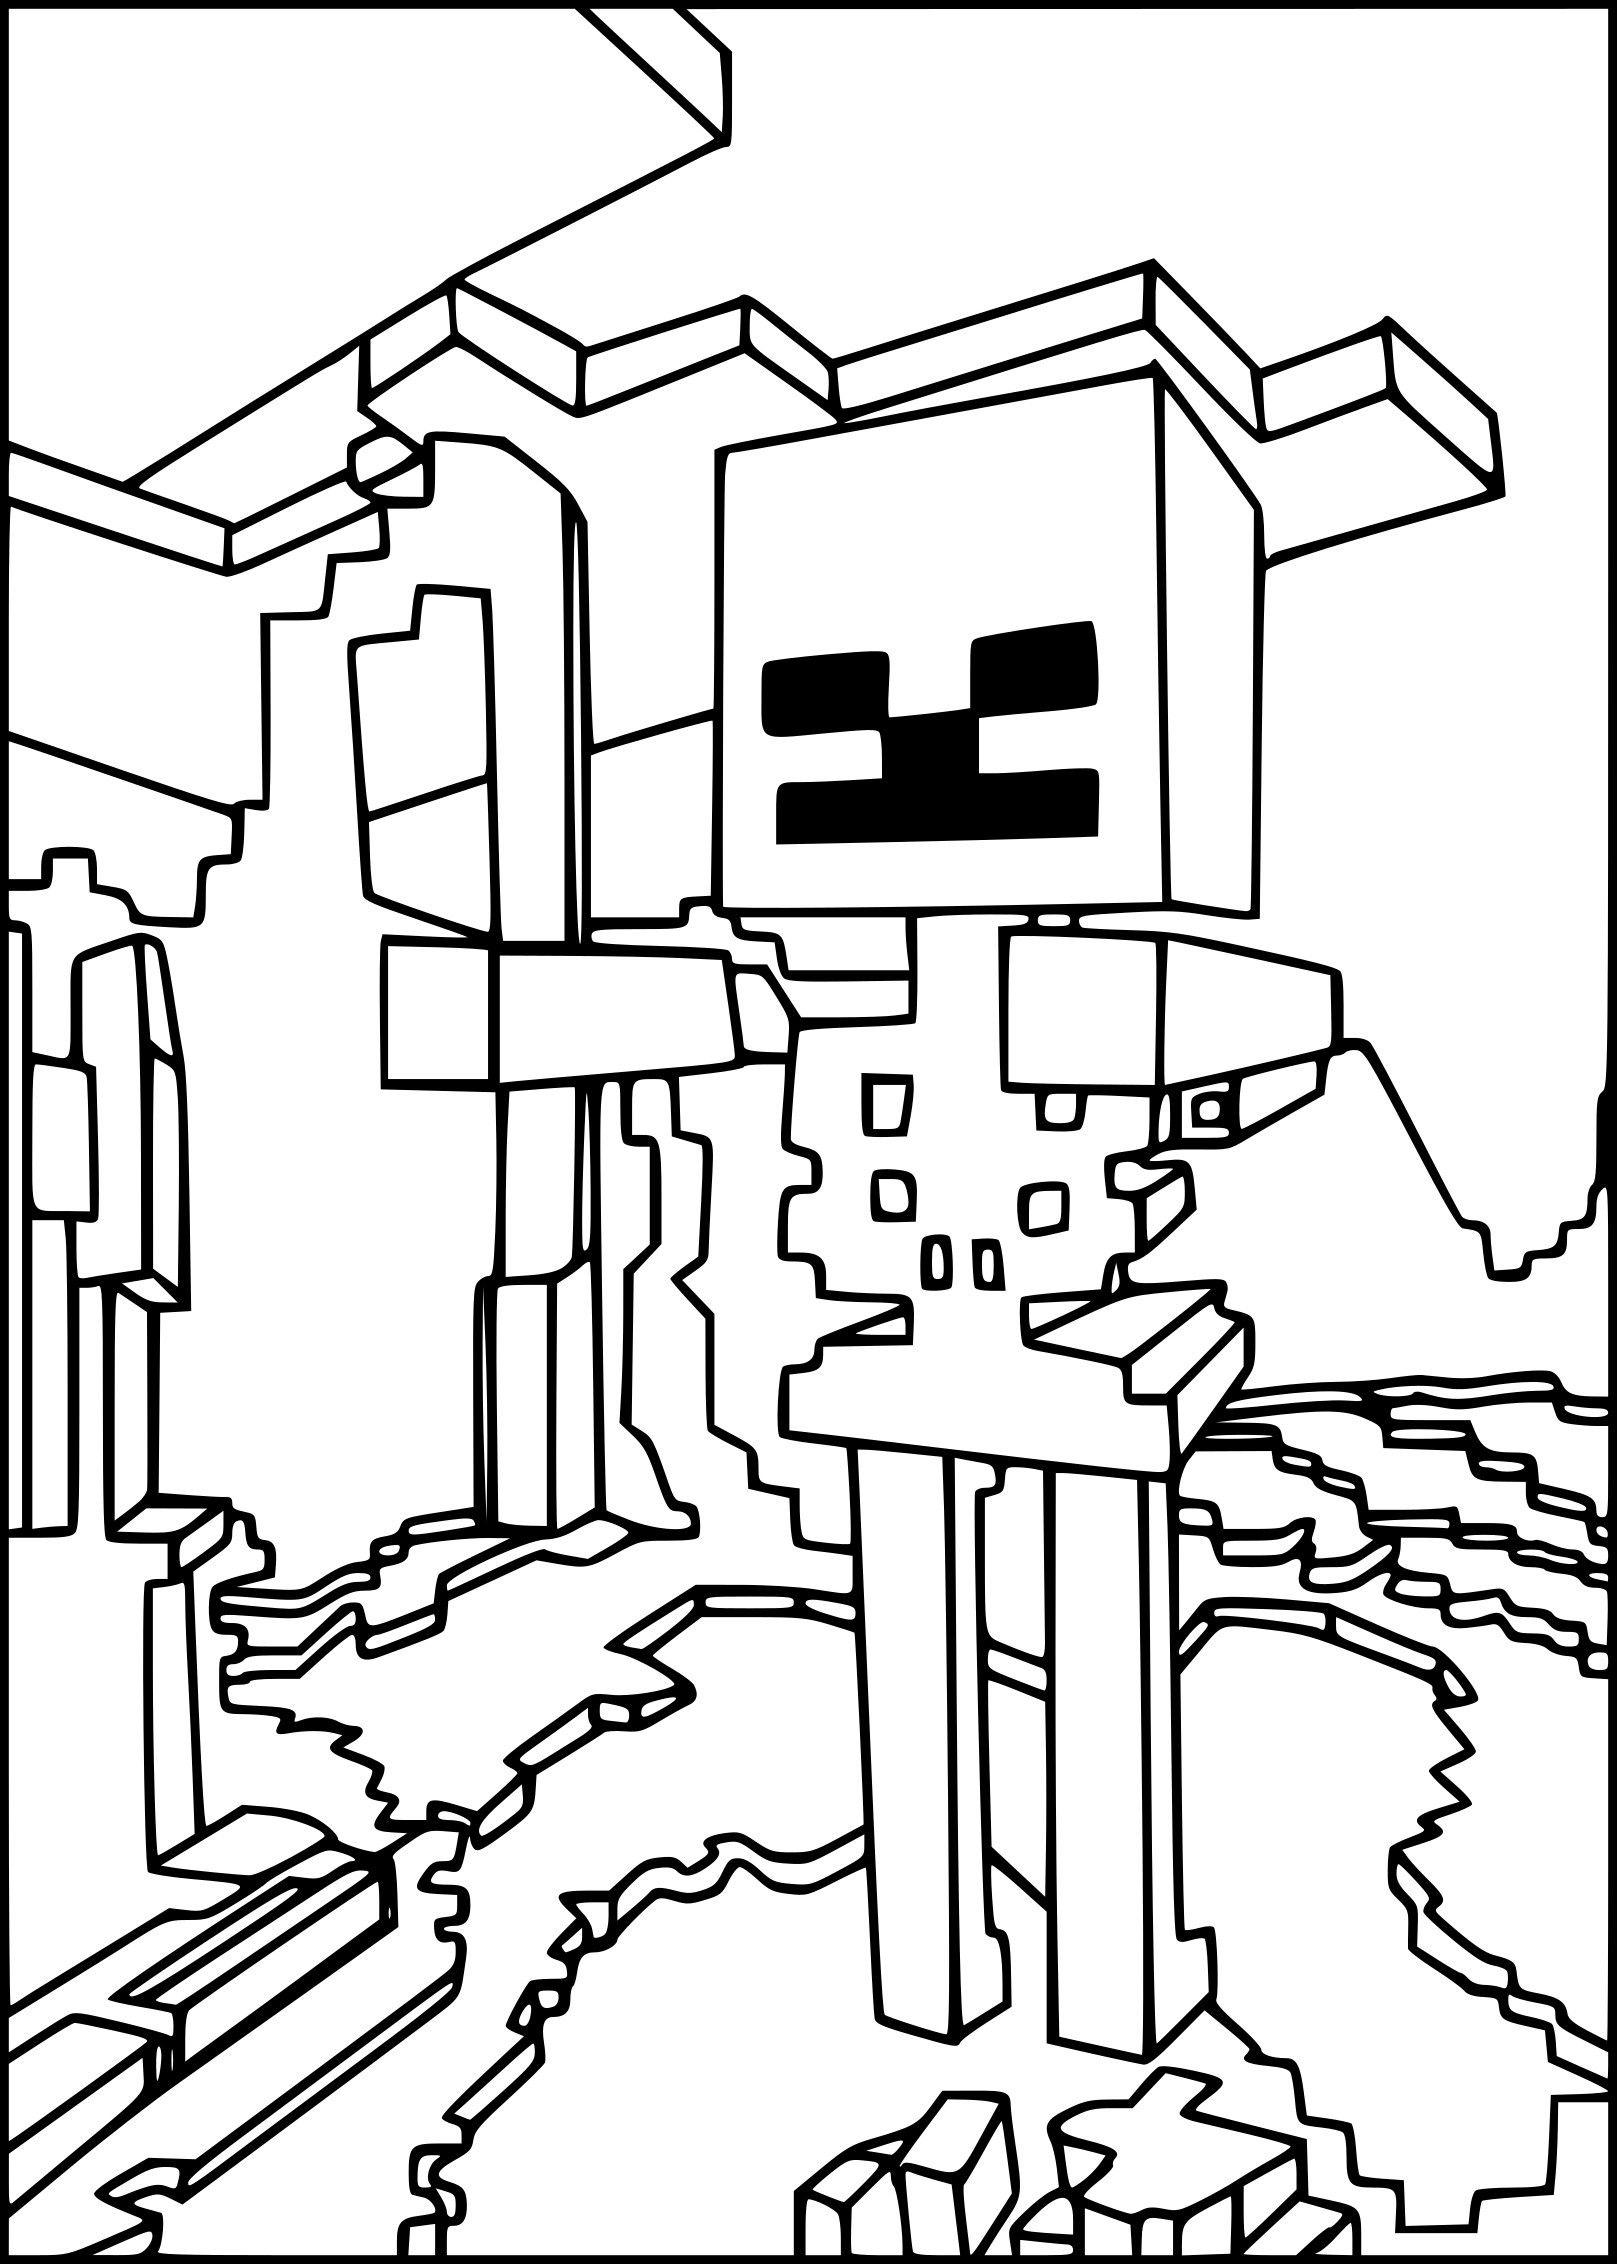 Jeux De Coloriage De Zombie Élégant Inspiration Coloriage